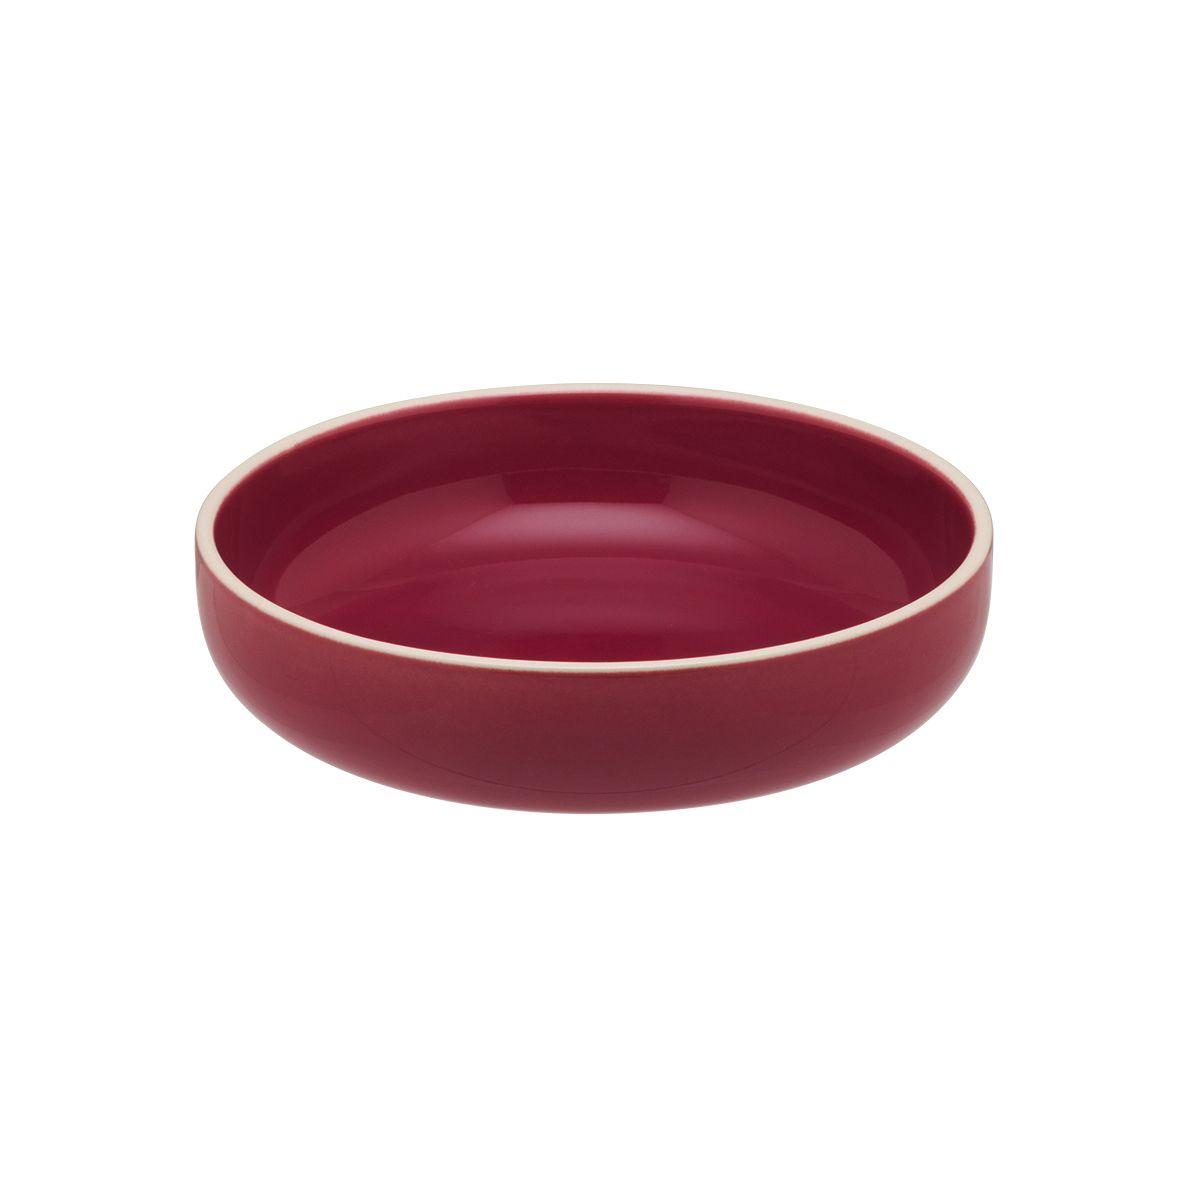 salatnik-12-5-sm-330-ml